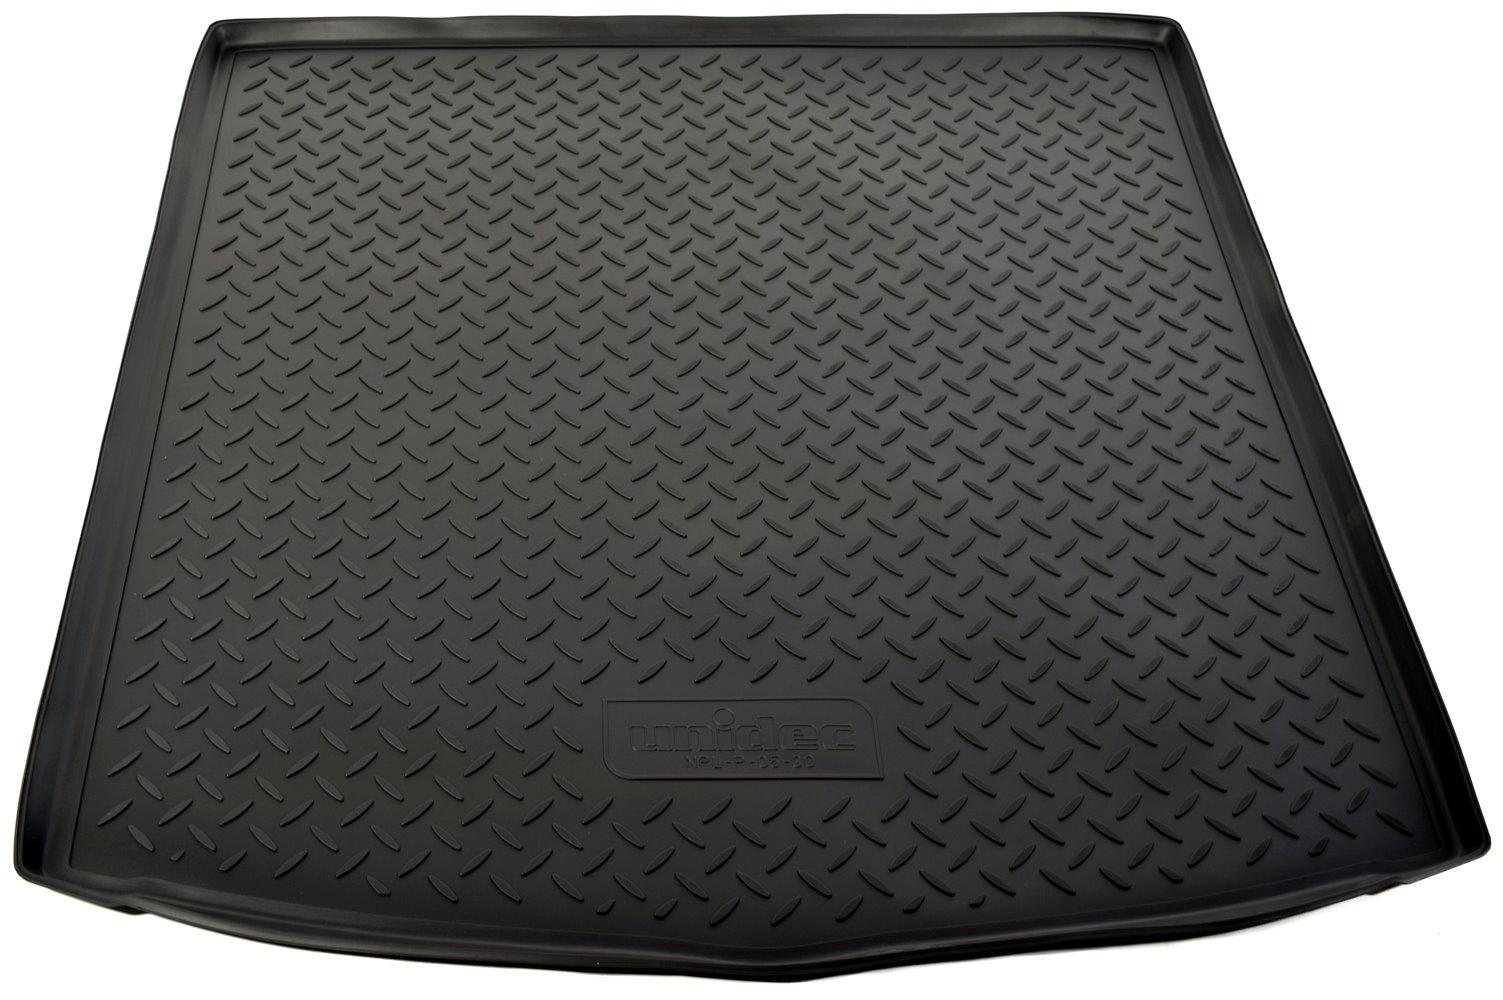 цена на Коврик в багажник Norplast, для Audi A4, B6:8E/B7:8E, SD, 2001-2007 гг, NPL-P-05-30